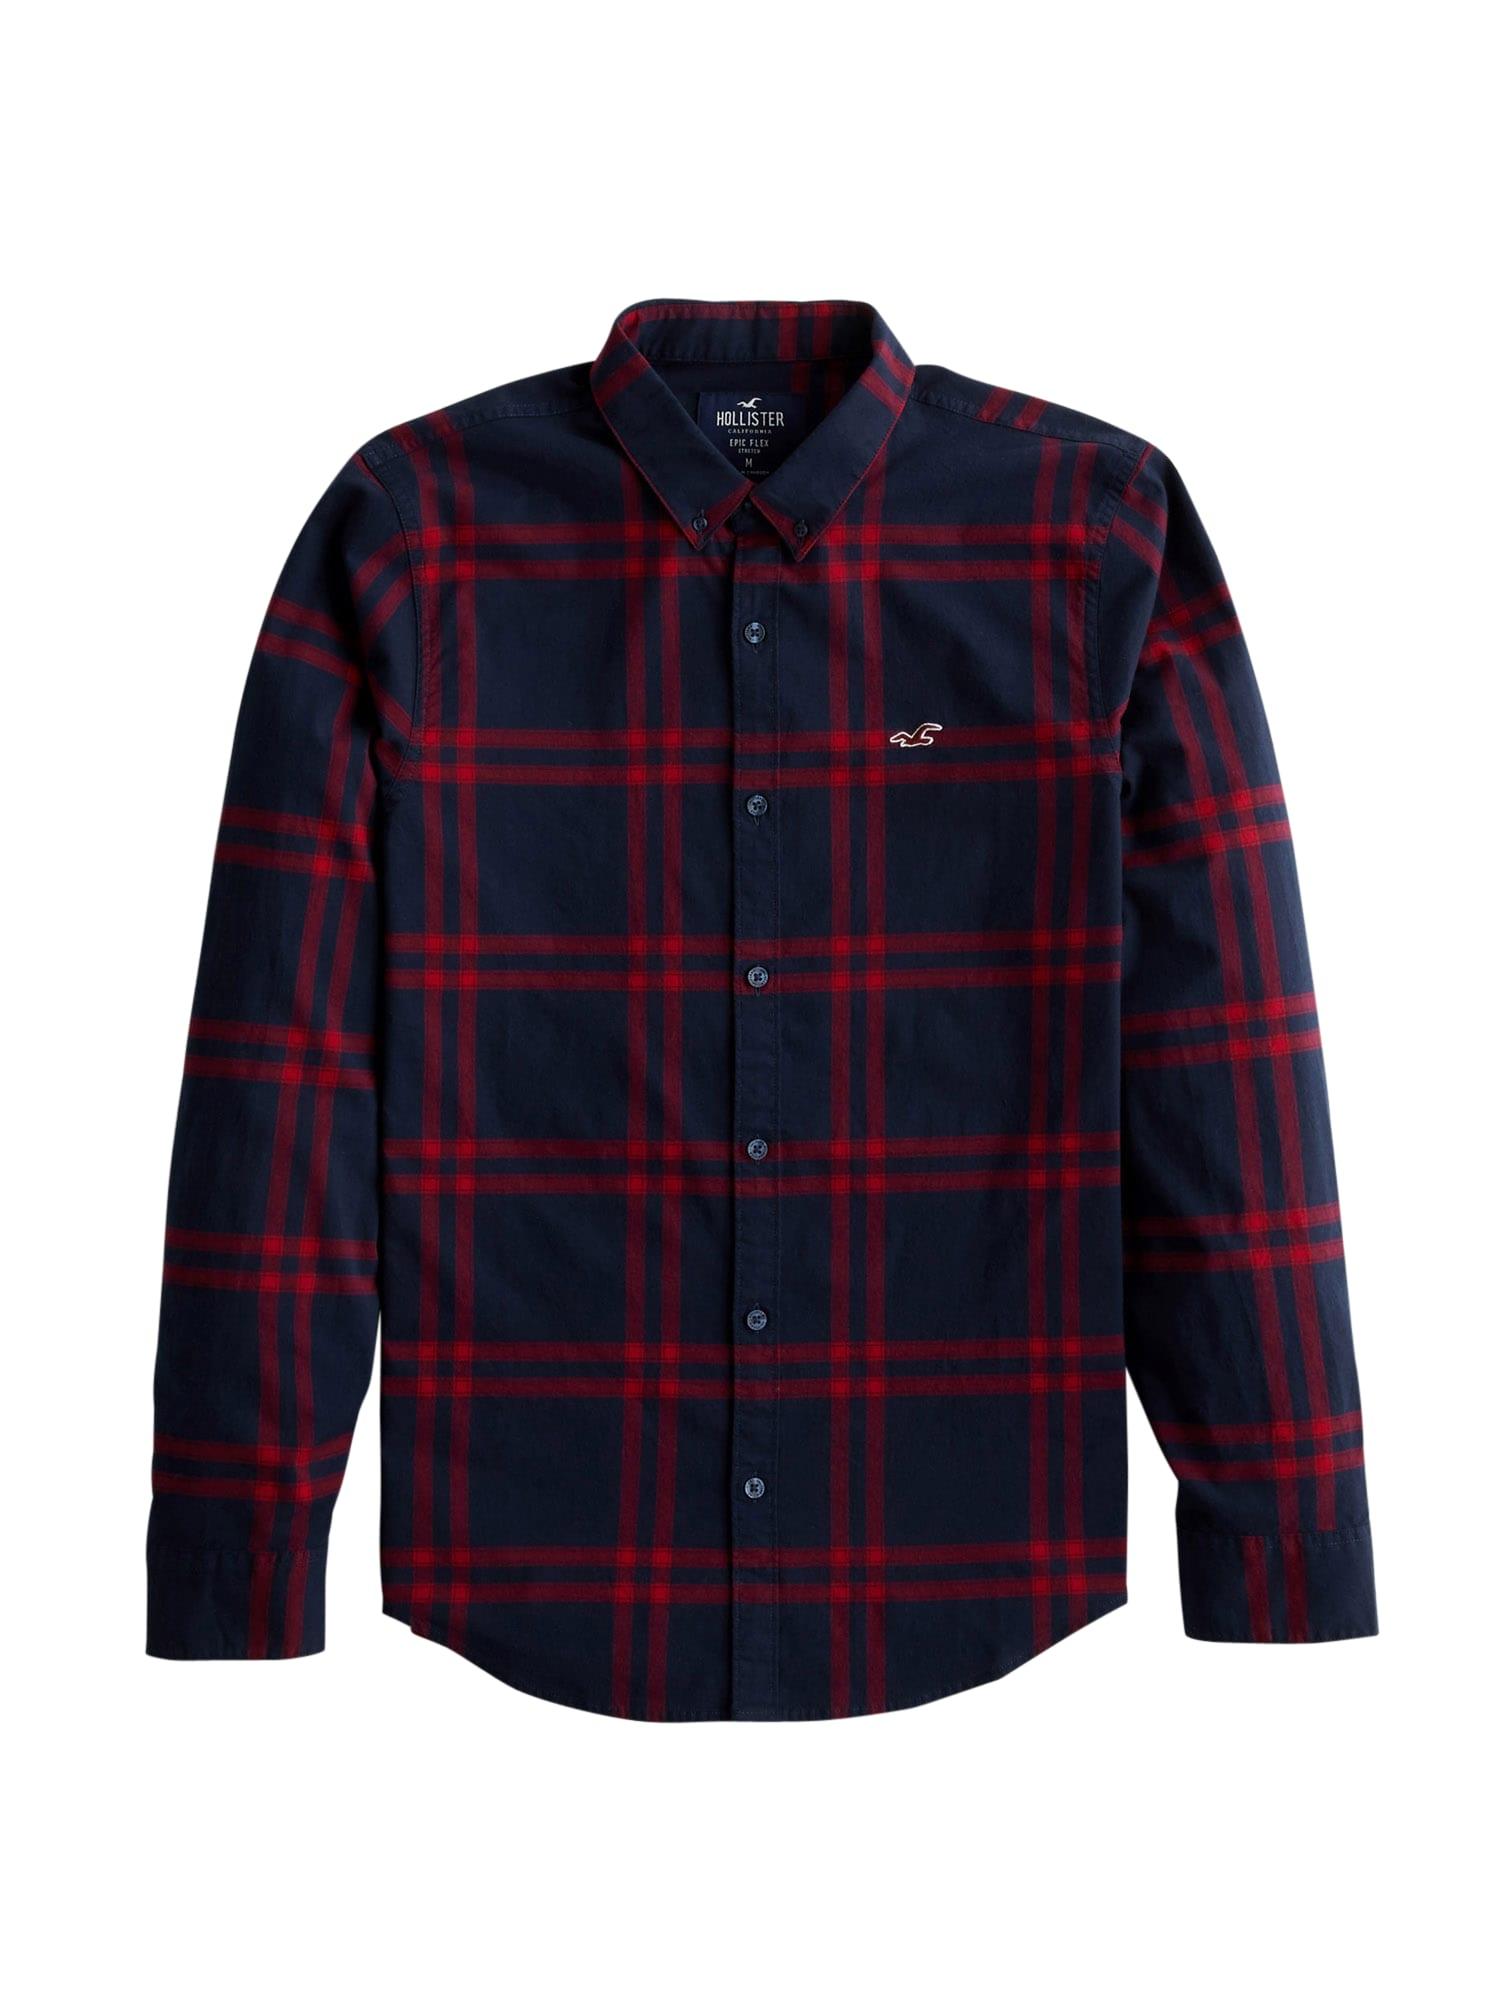 HOLLISTER Marškiniai tamsiai mėlyna / raudona